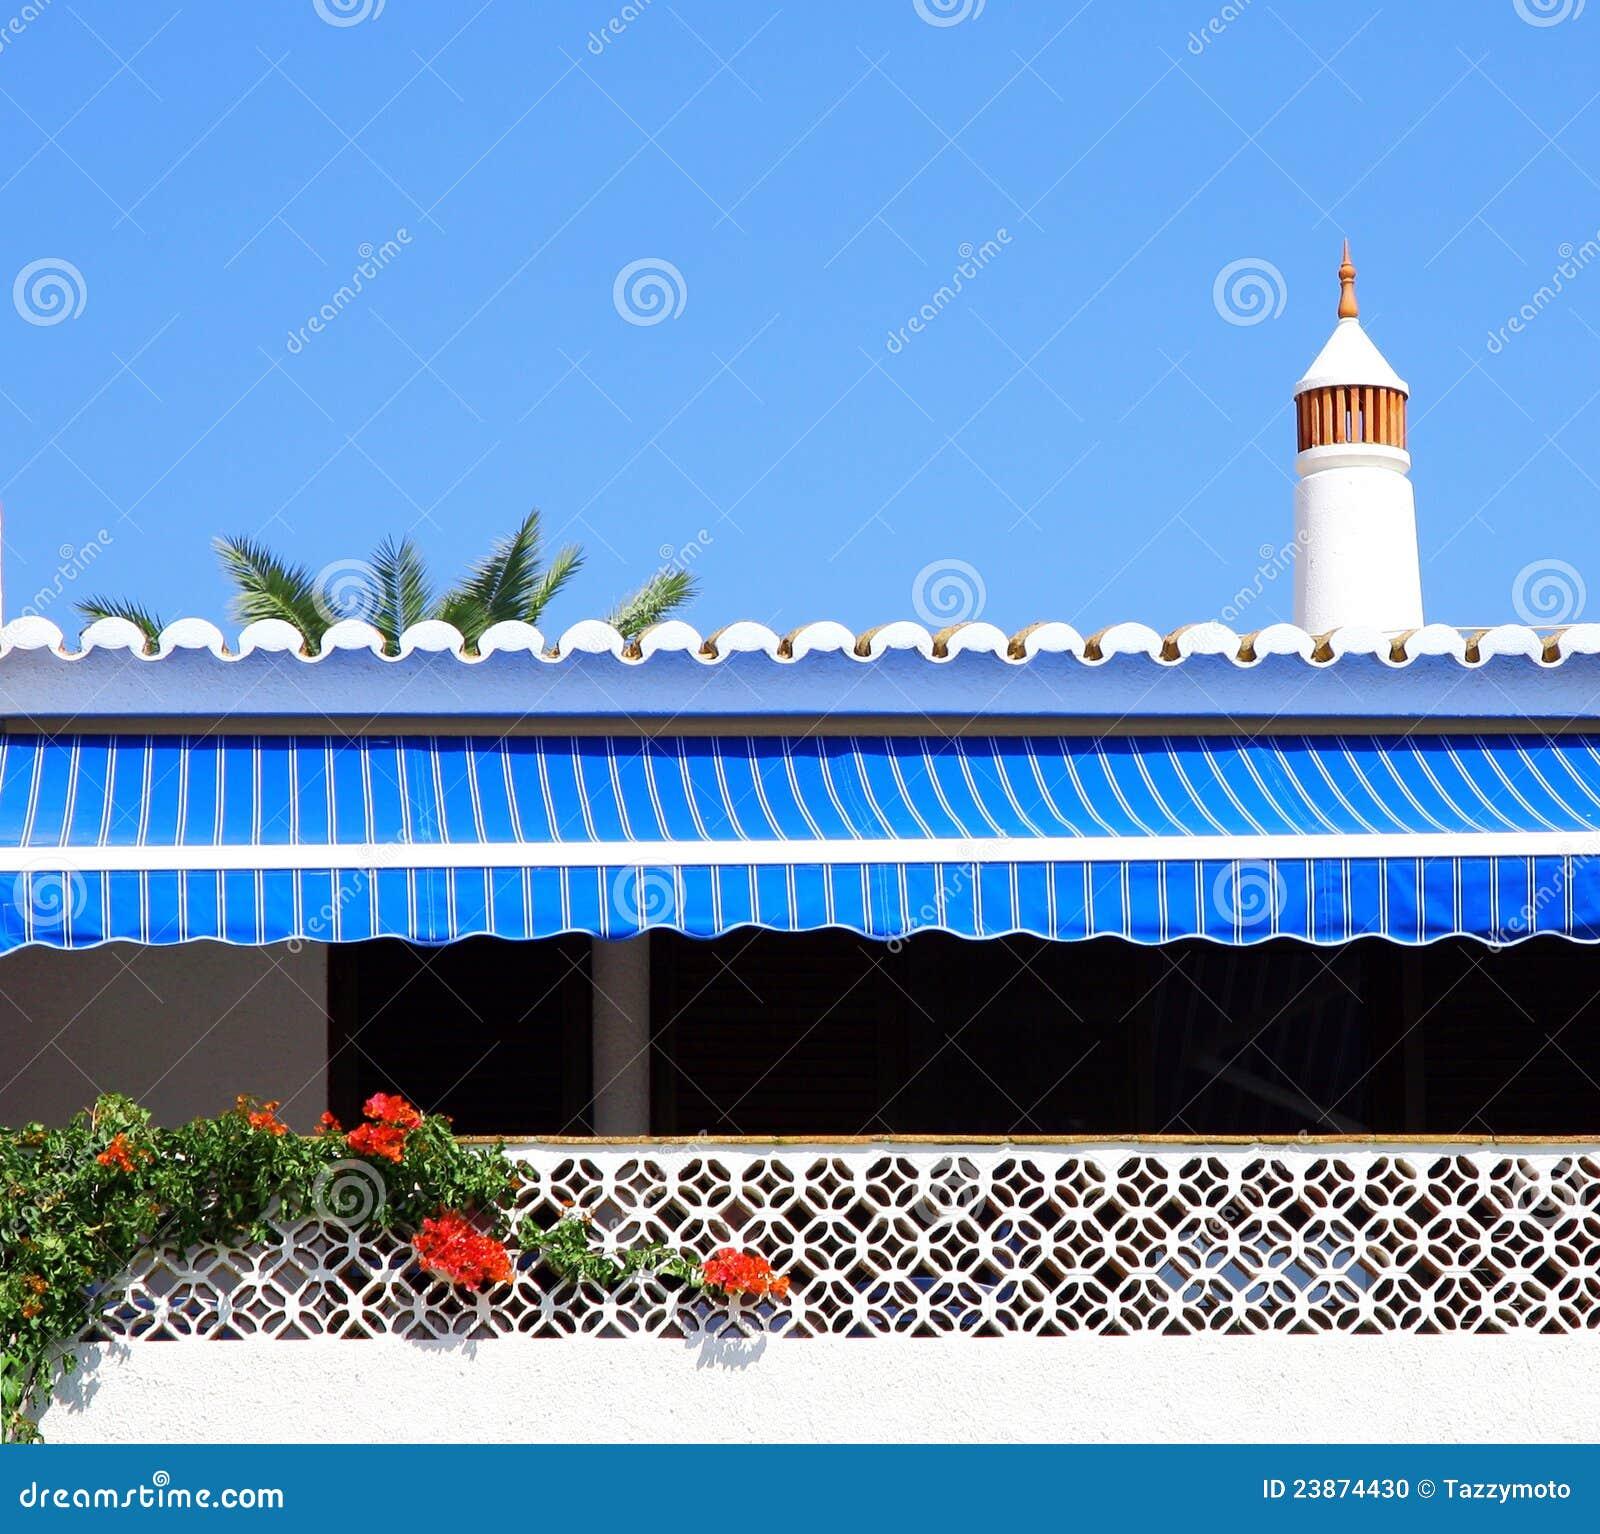 Tenda a strisce blu